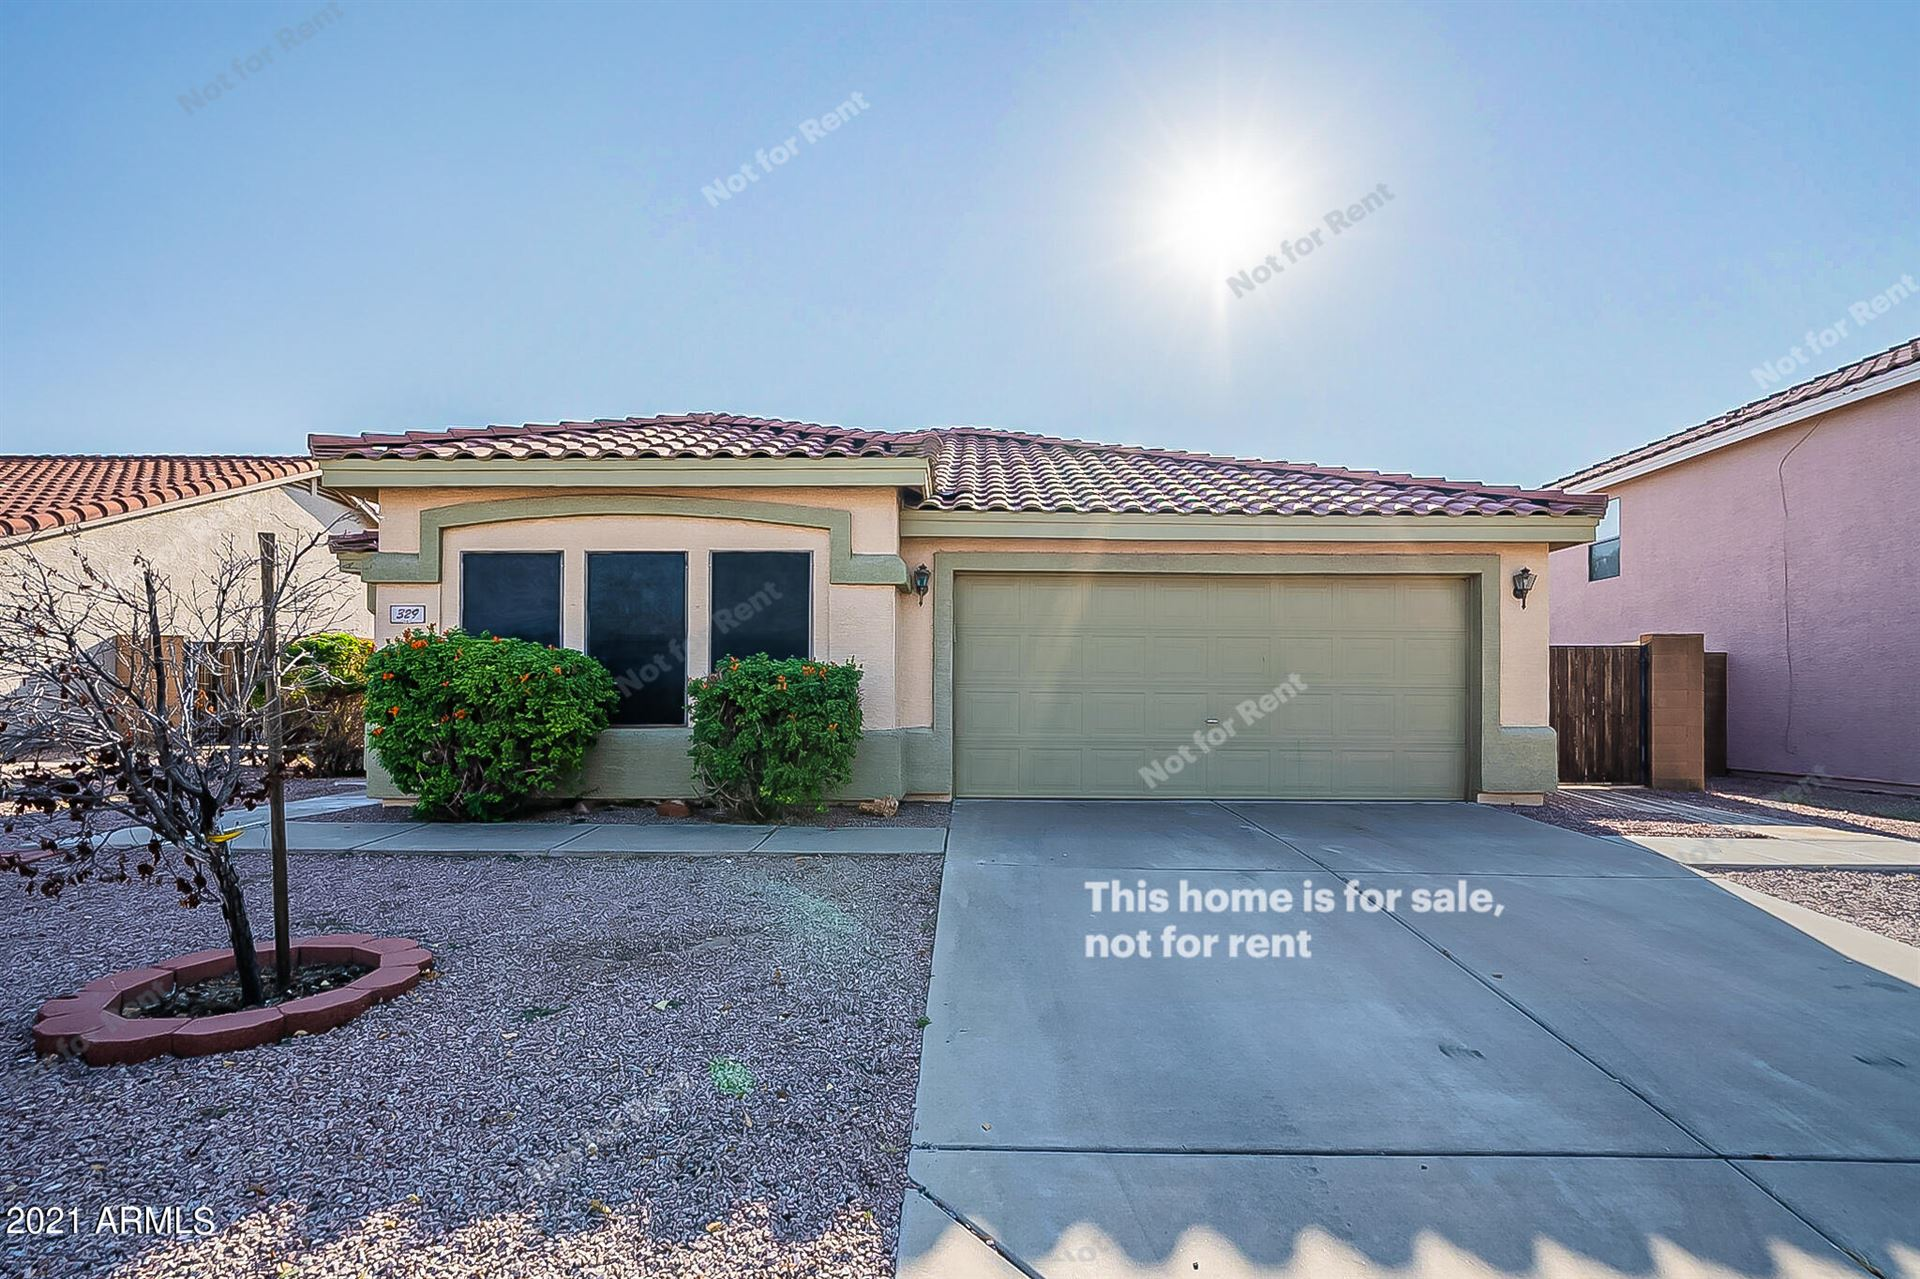 329 S DEL RANCHO --, Mesa, AZ 85208 - MLS#: 6293849